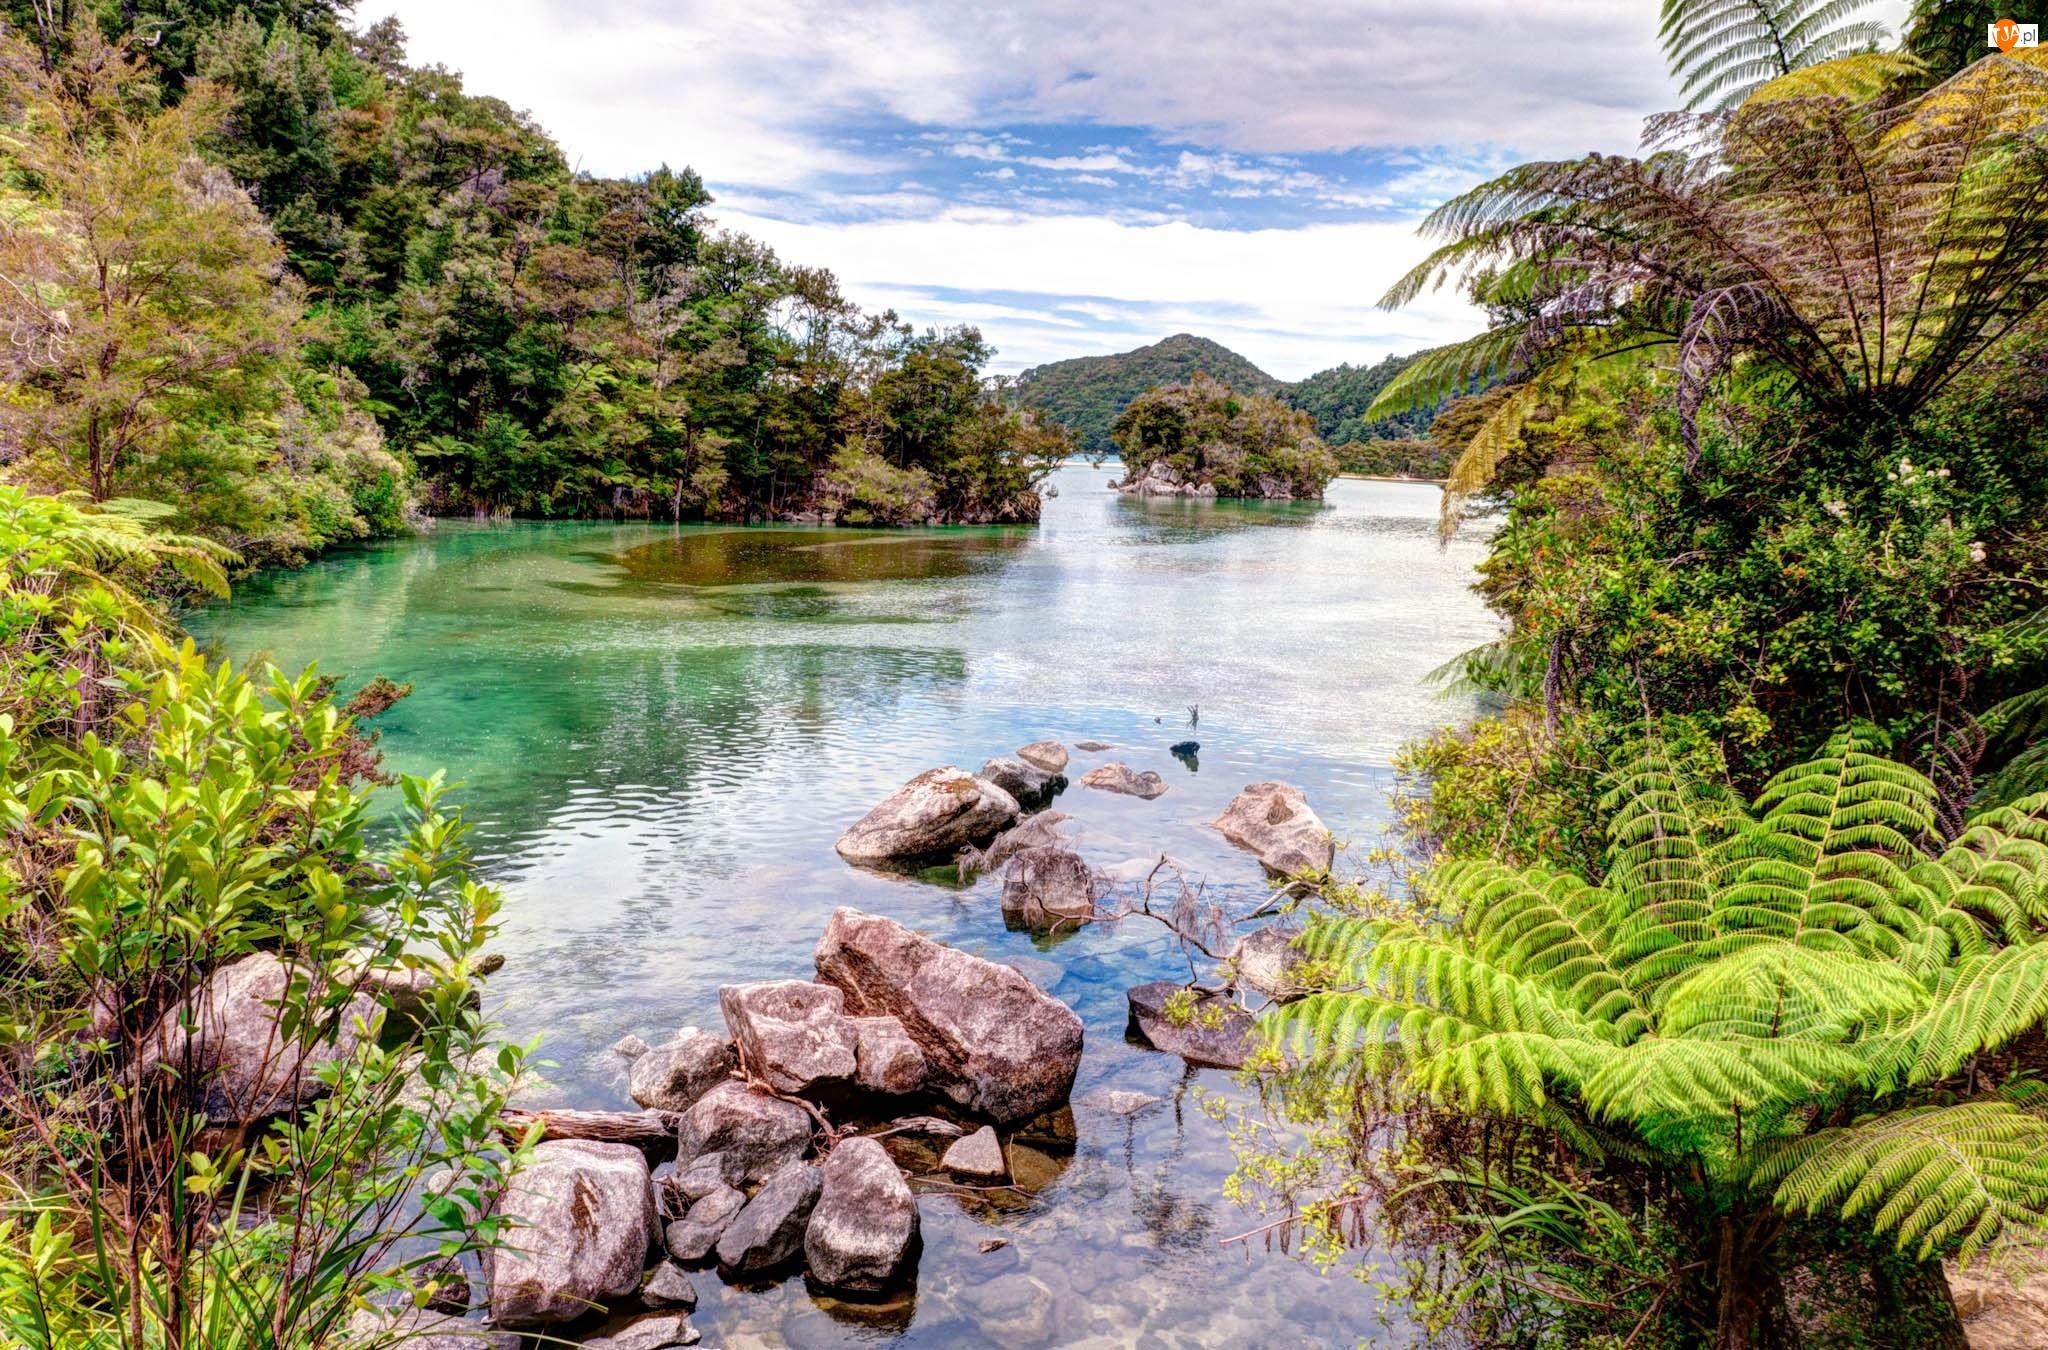 Lasy, Rzeka, Paprocie, Kamienie, Góry